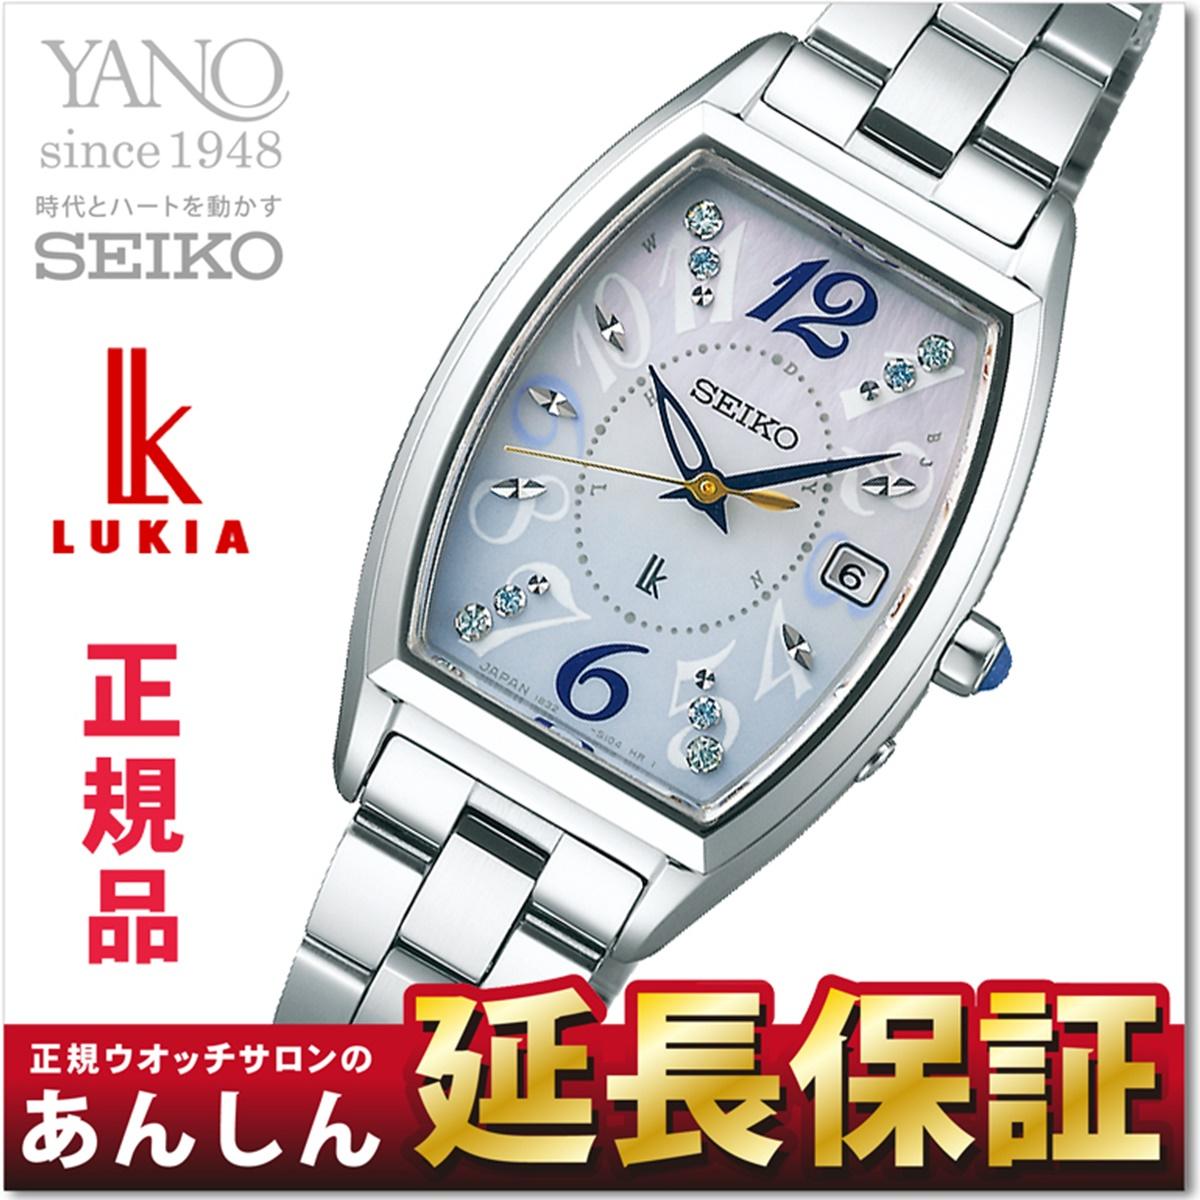 【2,000円OFFマラソンクーポン!9日20時から】セイコー ルキア SSVW123 ソーラー サマー限定モデル 電波時計 レディース 腕時計 SEIKO LUKIA【0718】